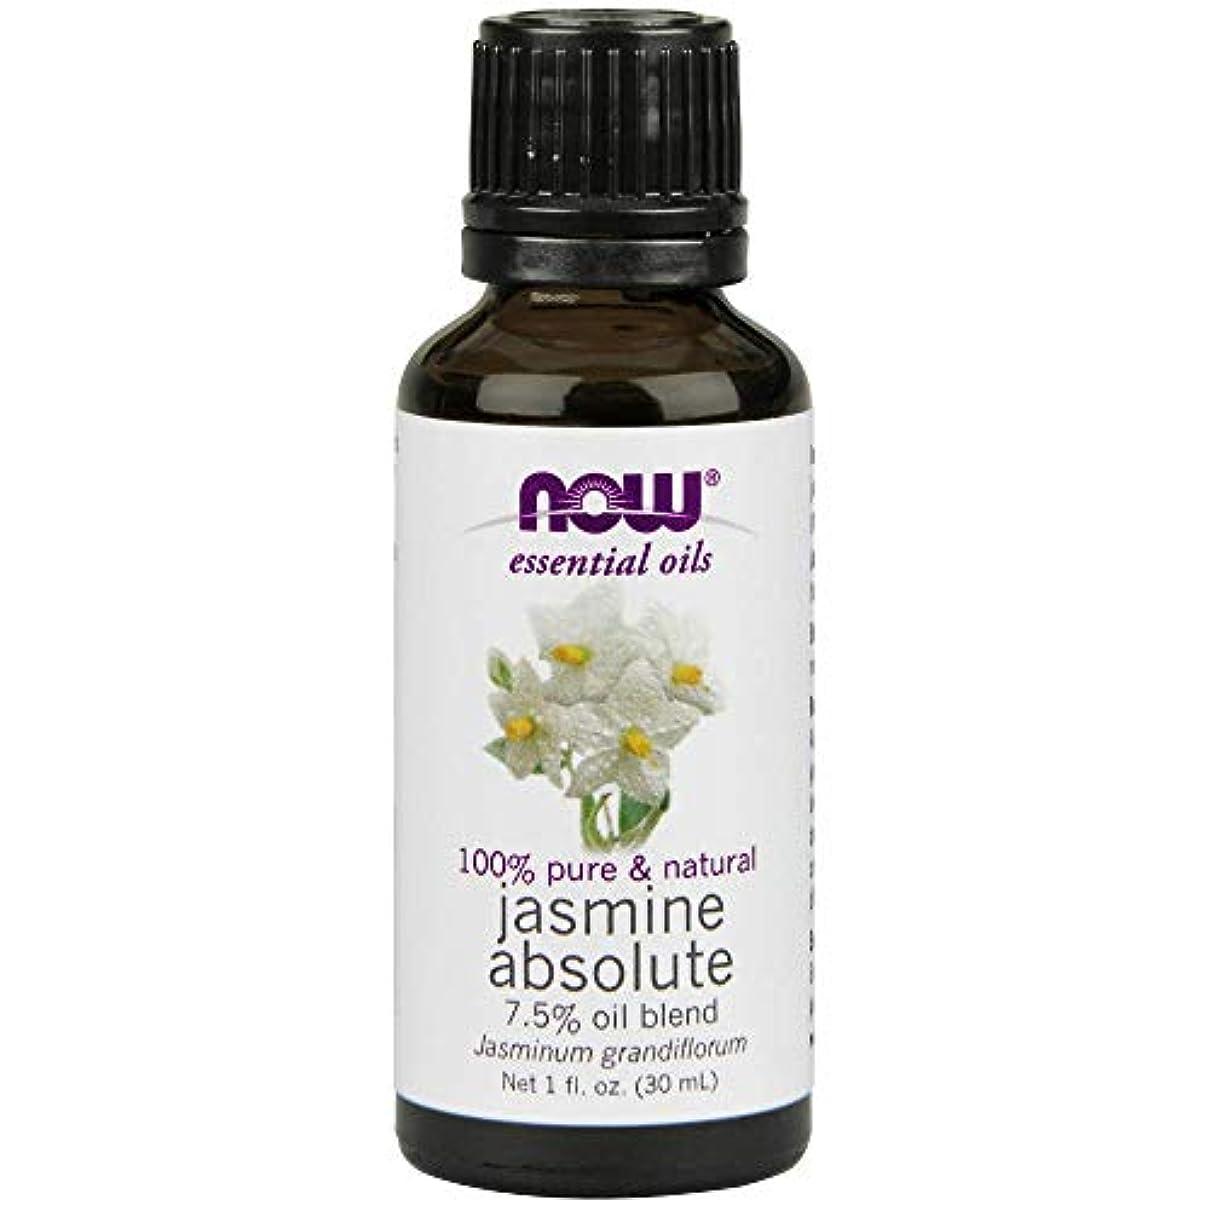 ジャンプする接続鎮痛剤Now - Jasmine Absolute Oil 7.5% Oil Blend 1 oz (30 ml) [並行輸入品]